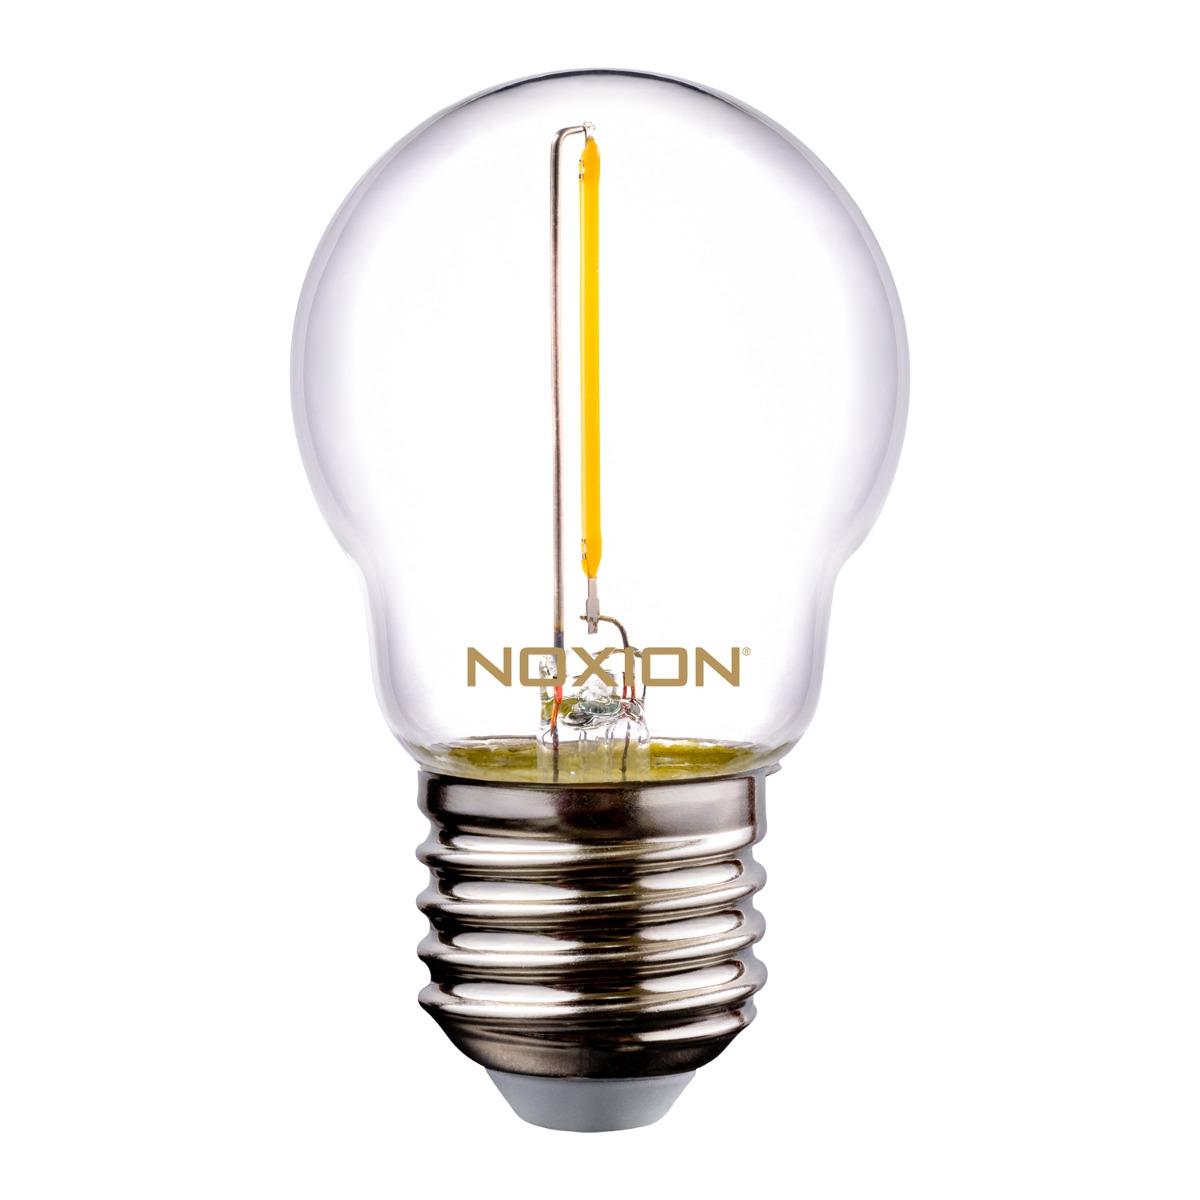 Noxion Lucent Filament LED Lustre P45 E27 220-240V 1.4W 136LM CRI80 2700K ND (15W eqv.)